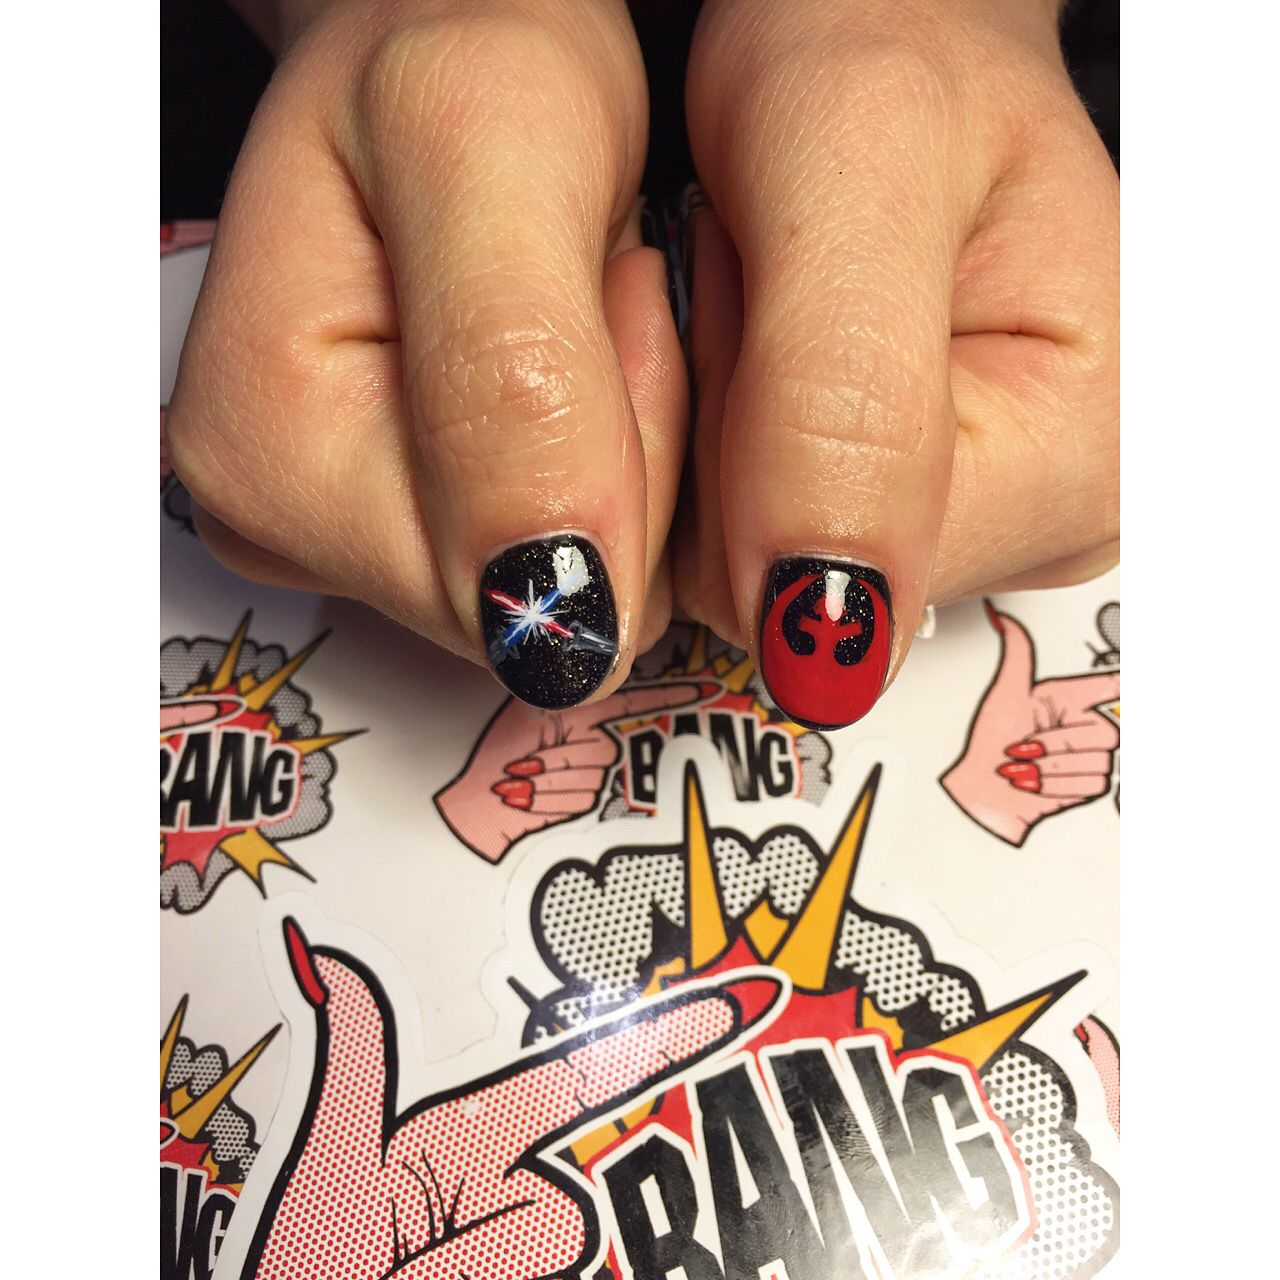 Star Wars nail art by Katrina Marie at Finger Bang Portland ...